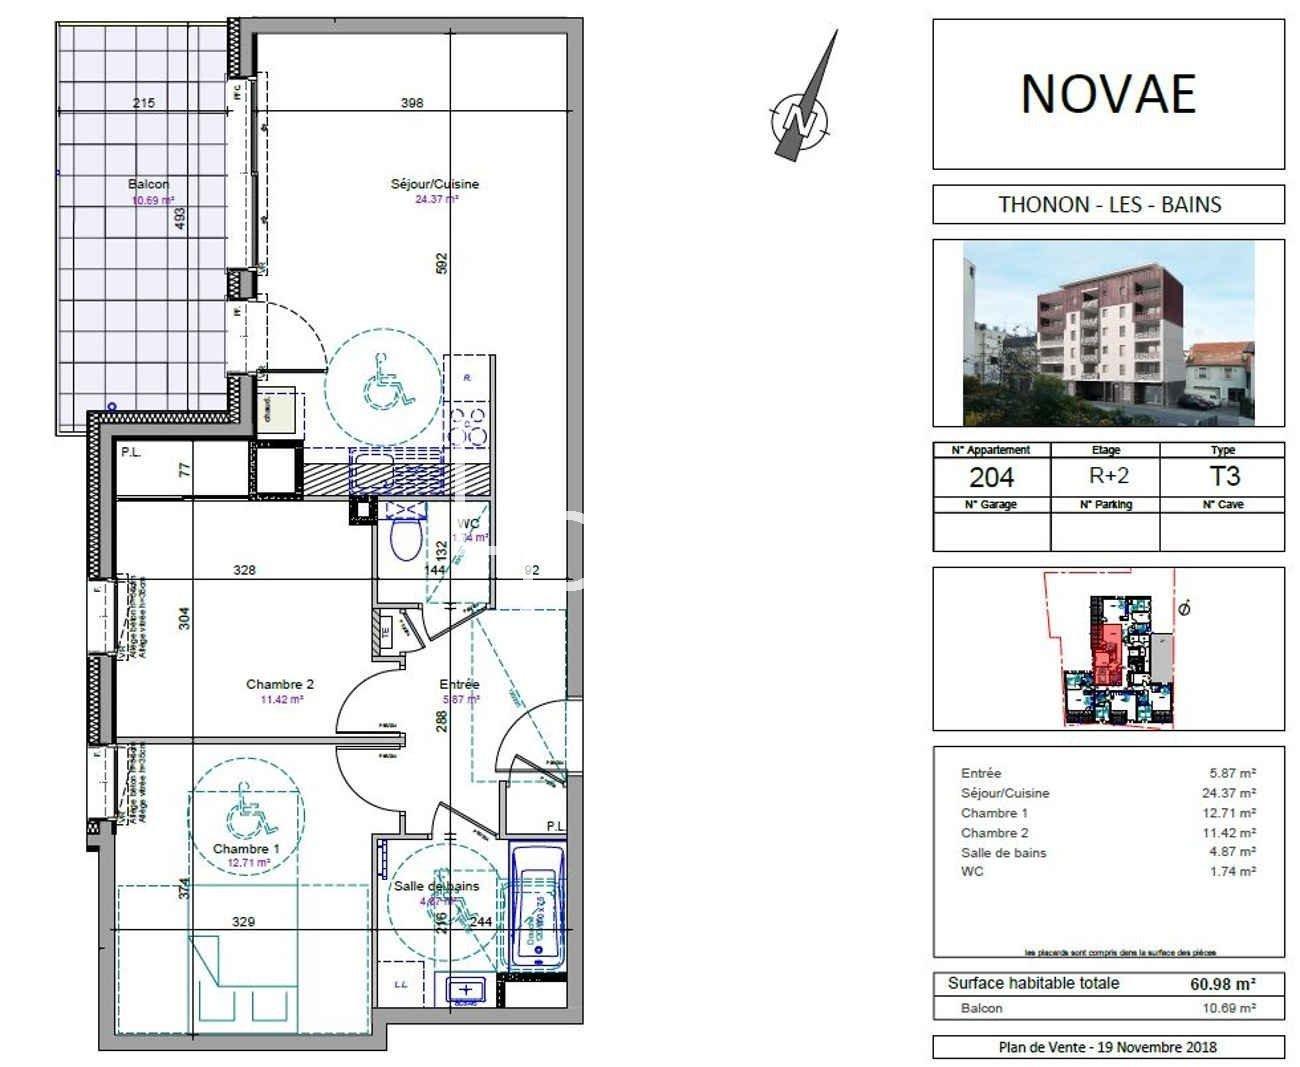 Vente de appartement d'une surface de 60.98 m2